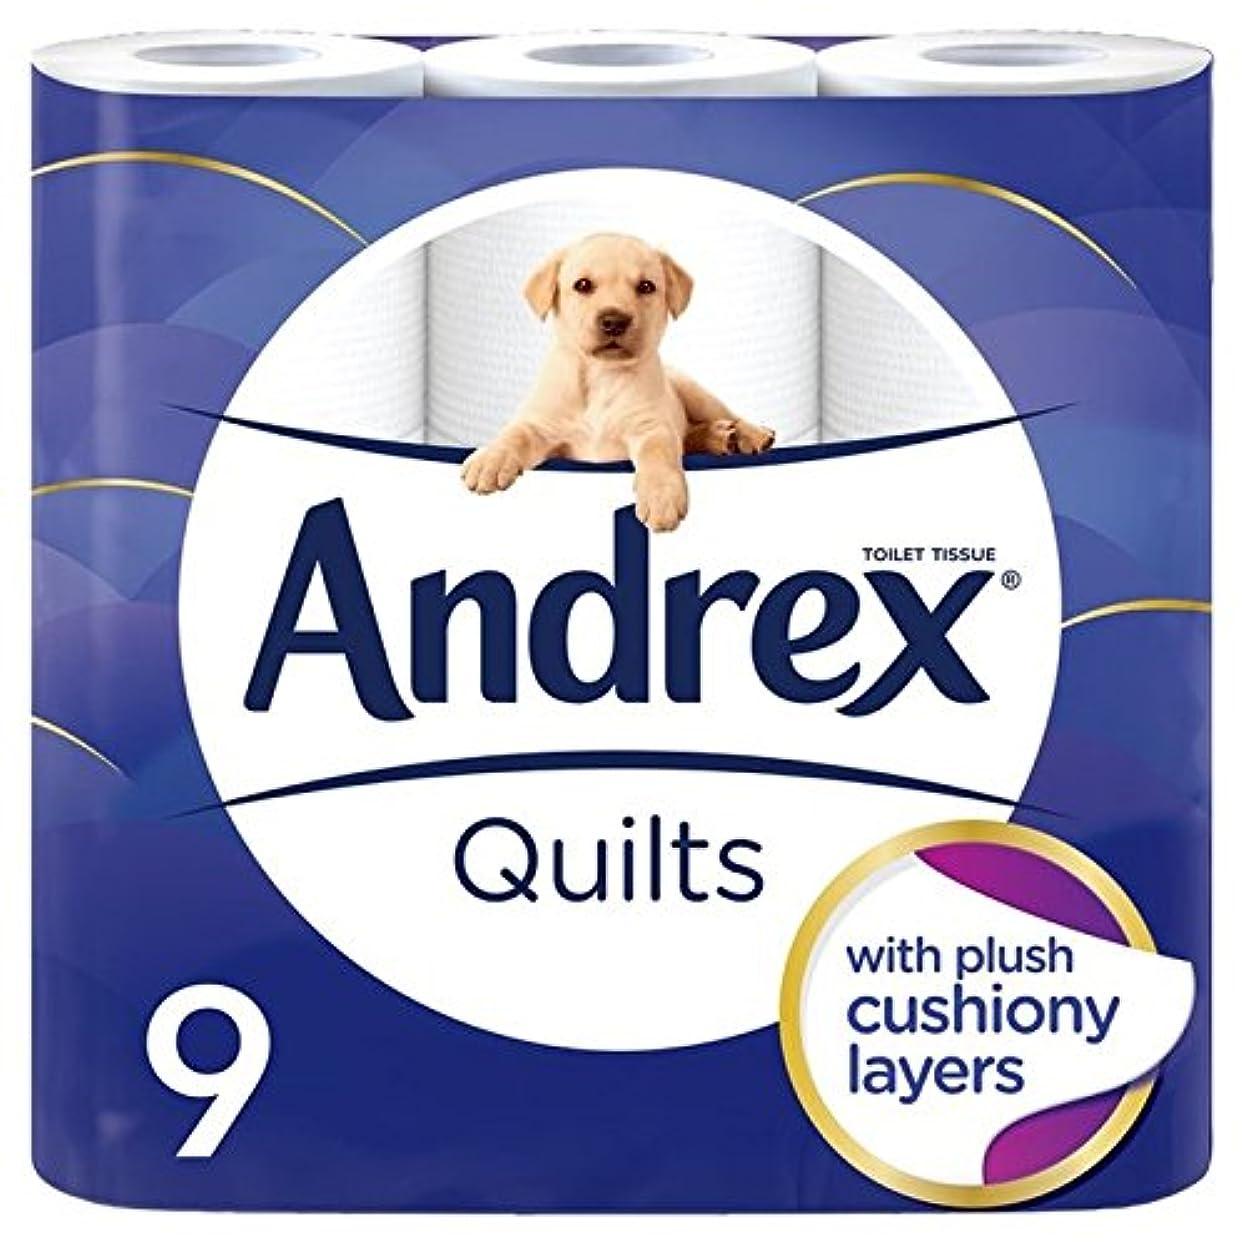 第二ポスター刑務所キルトはパックあたりの柔らかトイレットペーパー9をクッション性 x2 - Andrex Quilts Cushioned Softness Toilet Tissue 9 per pack (Pack of 2) [並行輸入品]